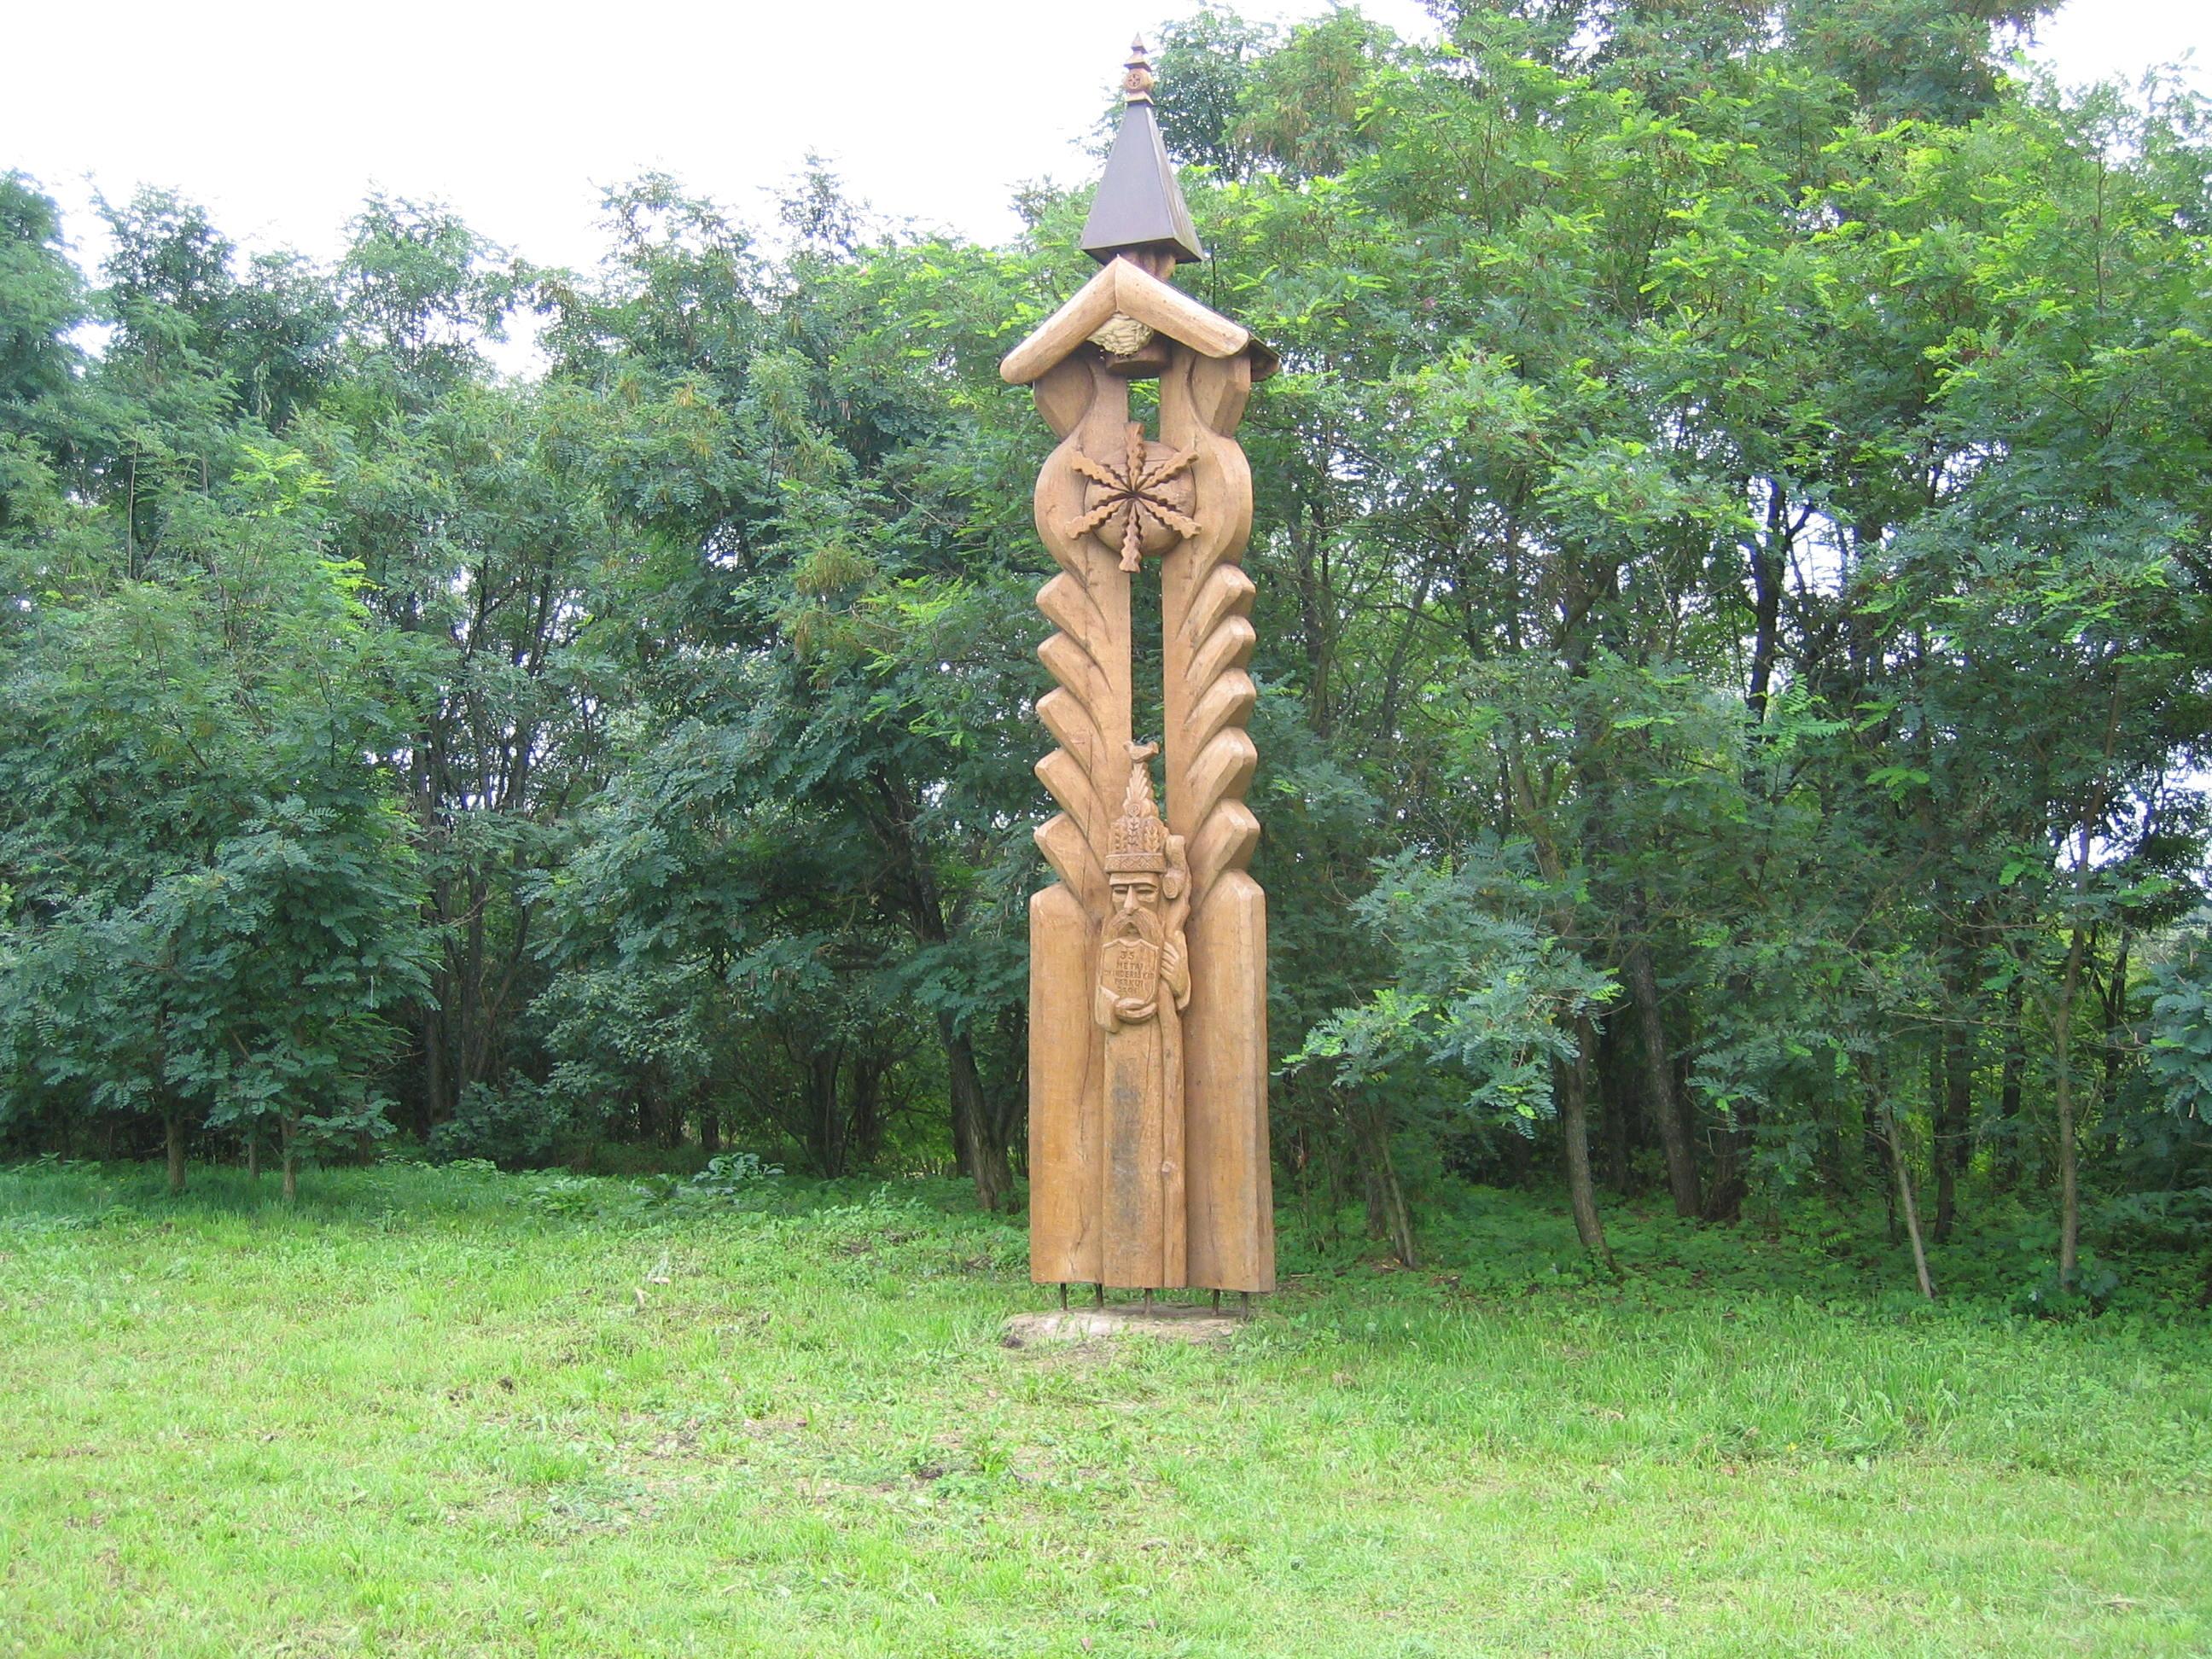 Simbolinė ąžuolo skulptūra dedroparko 35 mečiui pažymėti 1